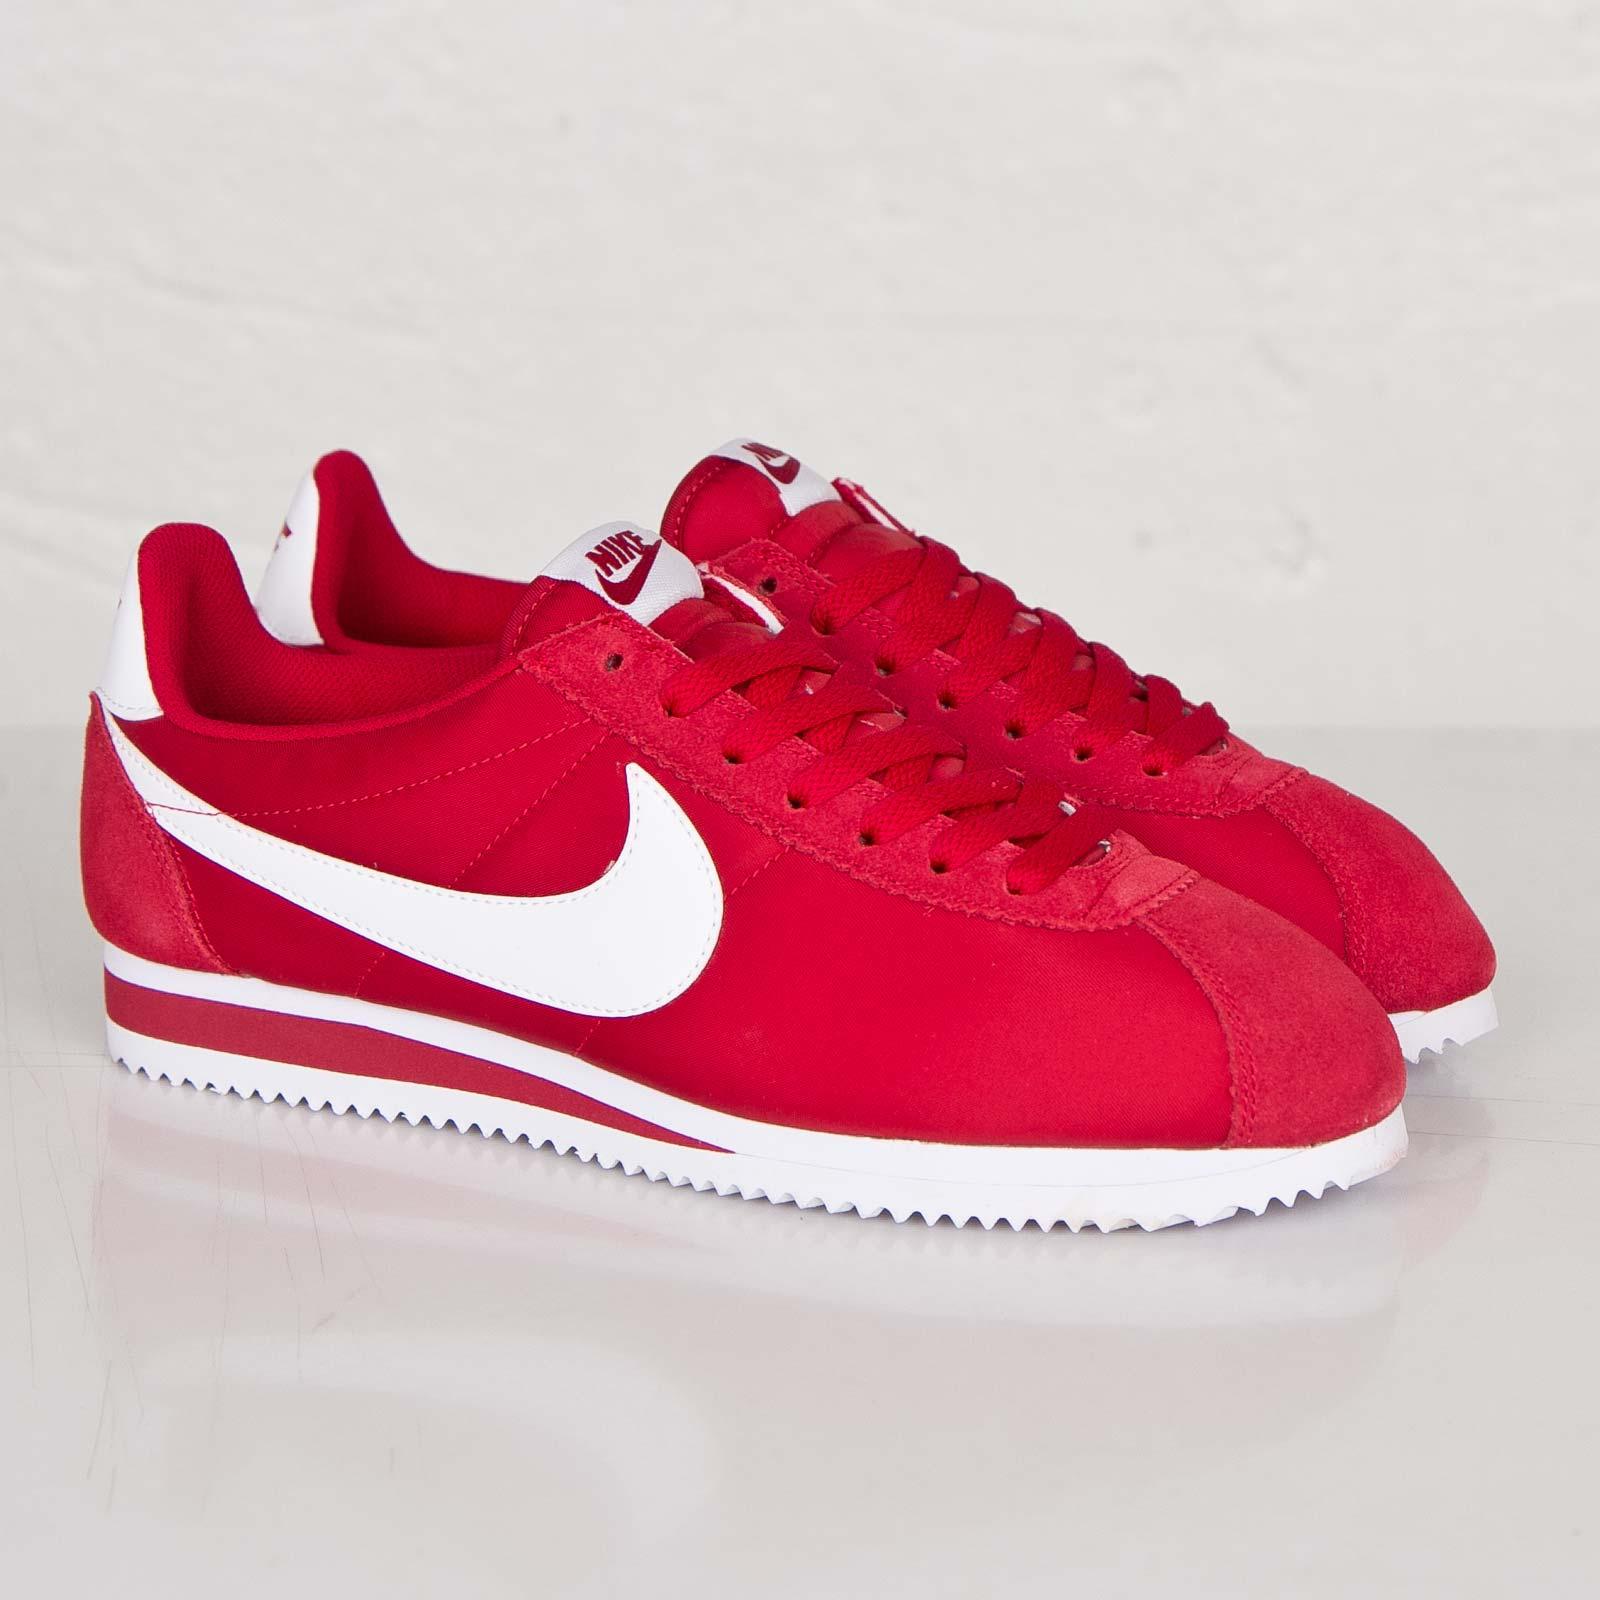 cheap for discount f3e09 abca5 Nike Classic Cortez Nylon - 532487-604 - Sneakersnstuff ...